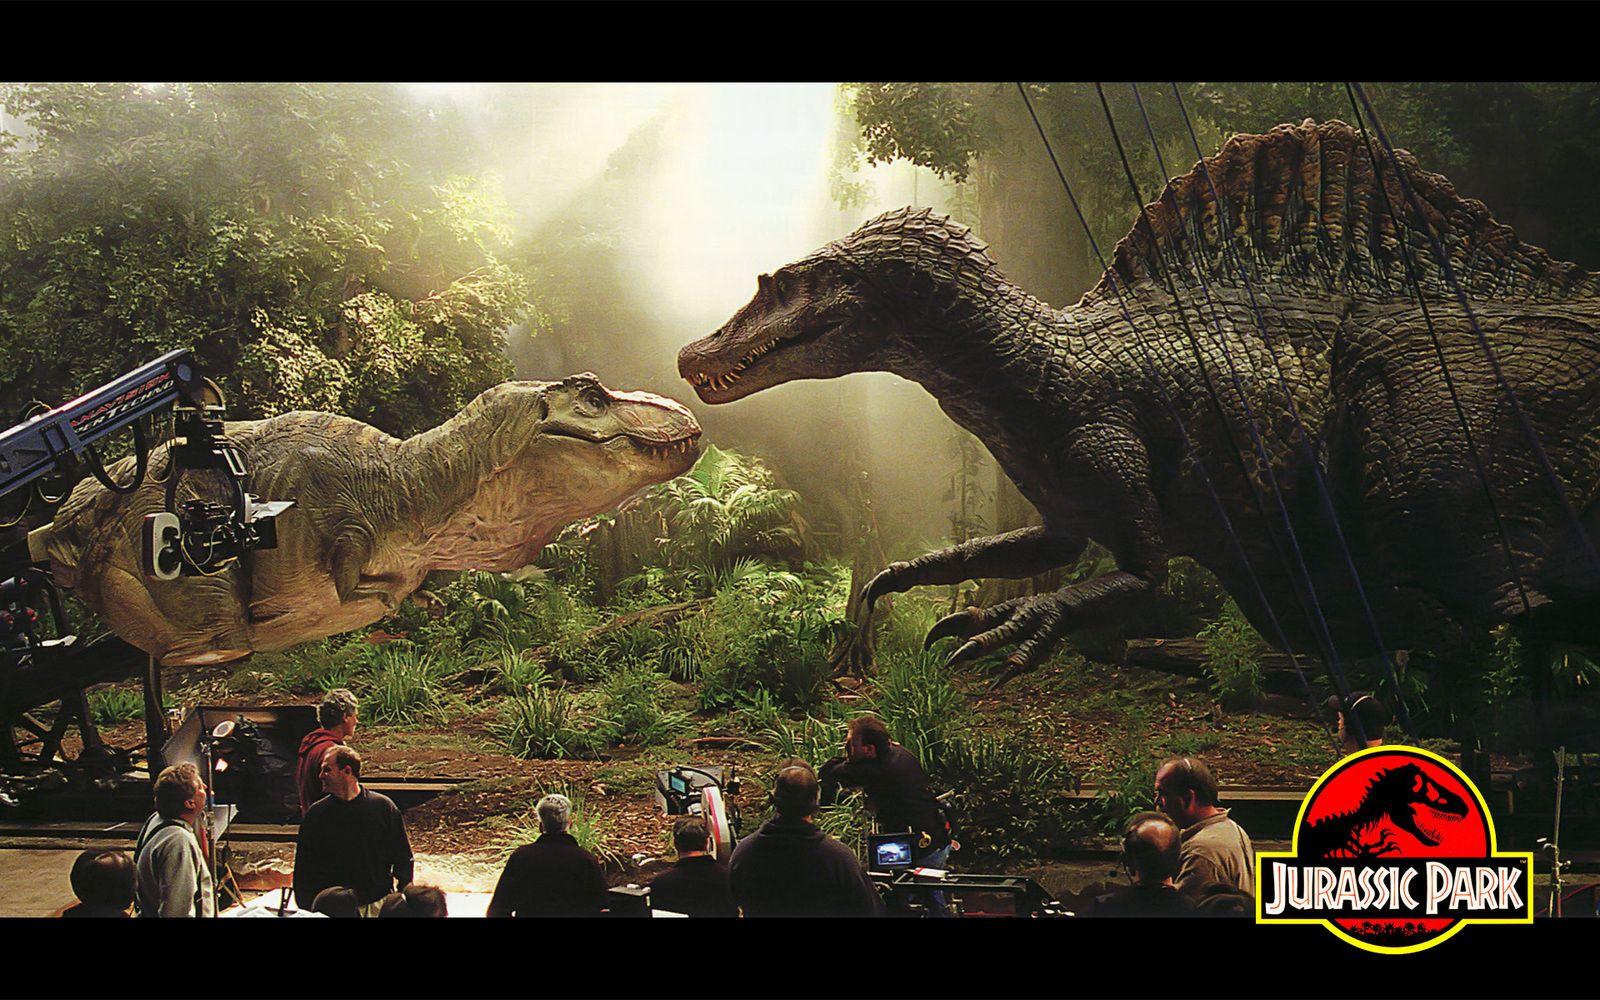 Jurassic Park 3 Spinosaurus Google Search Jurassic Park 3